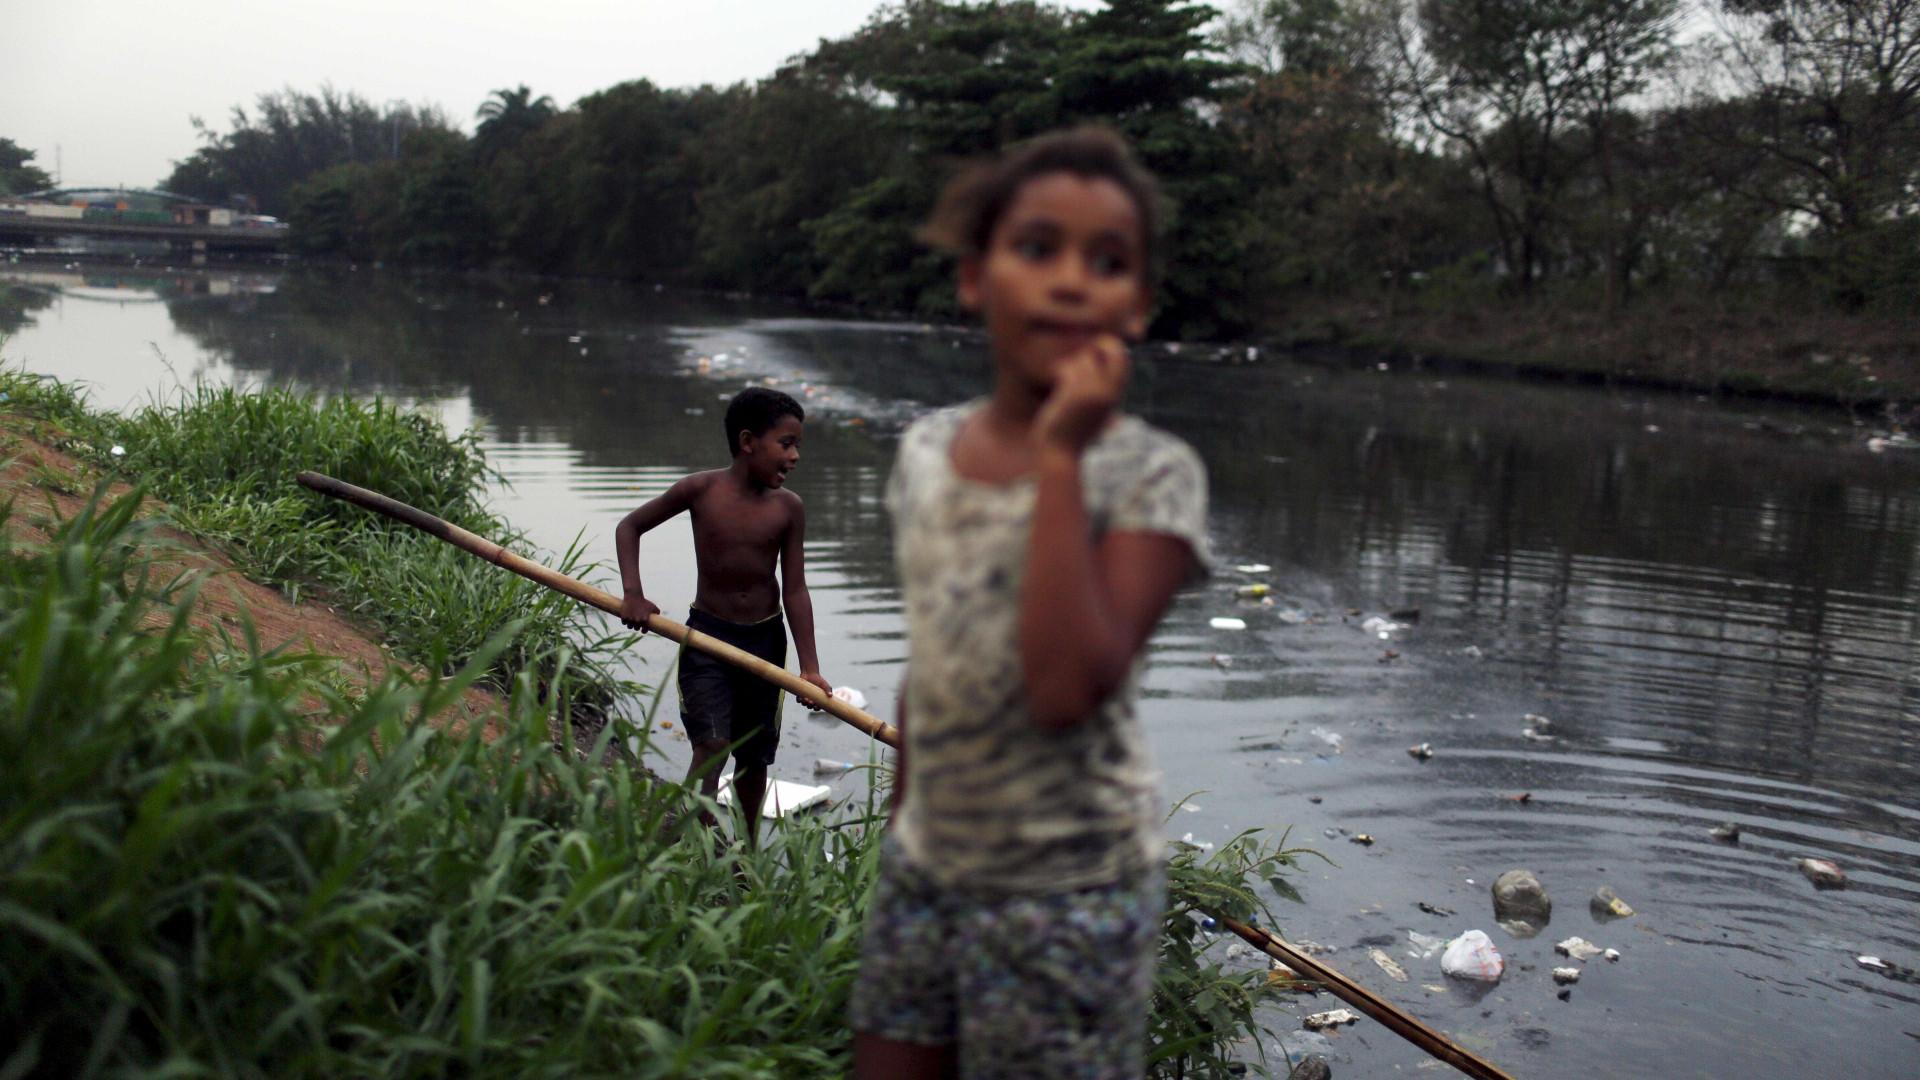 Seis em cada dez crianças vivem em situação precária no Brasil